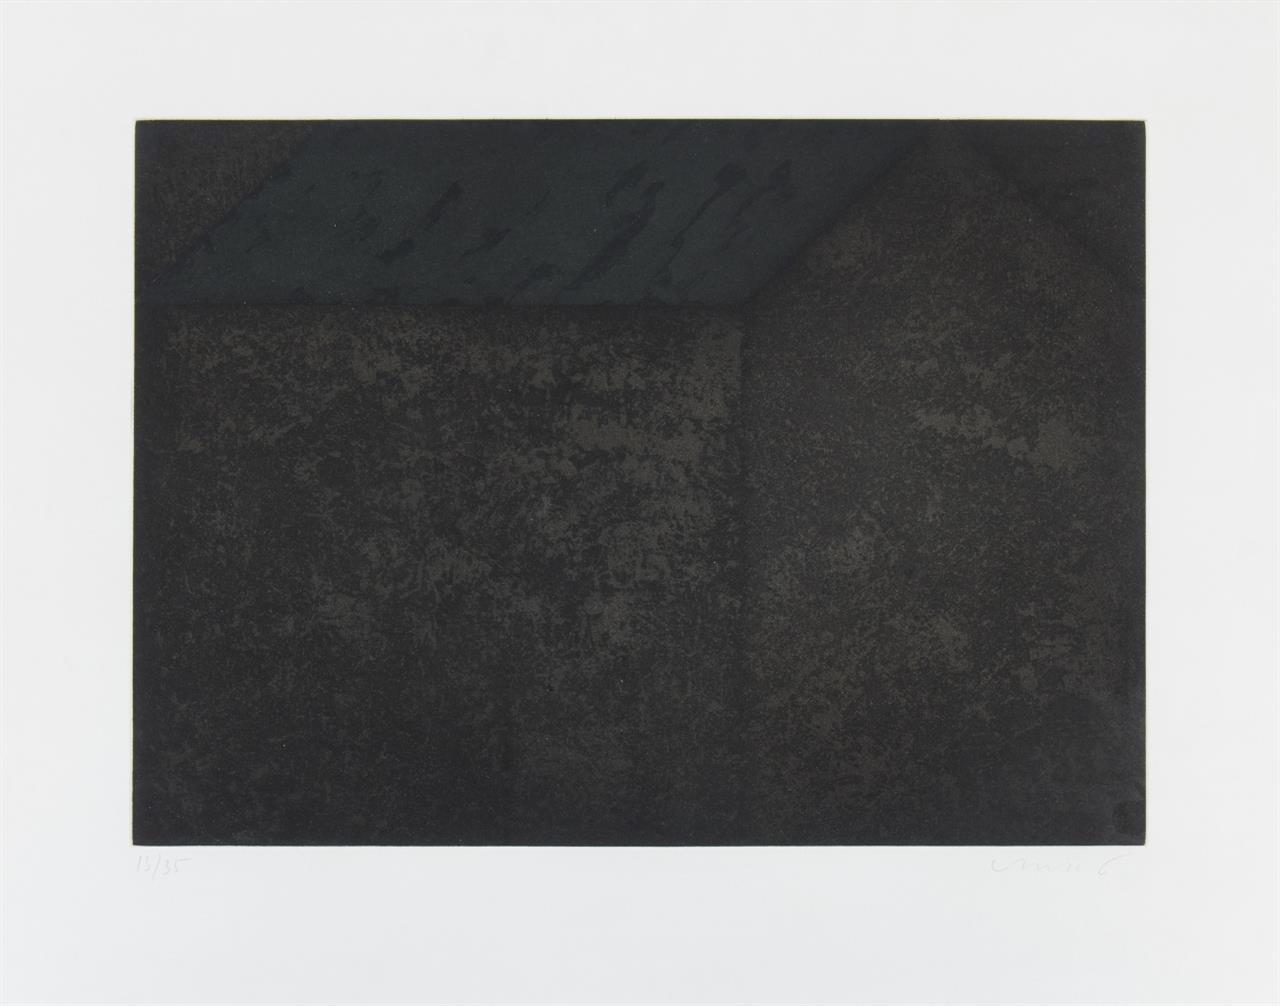 Horst Antes. Haus mit grauem Dach. 1993. Aquatintaradierung in Schwarz und Grau. Signiert. Ex. 13/35.